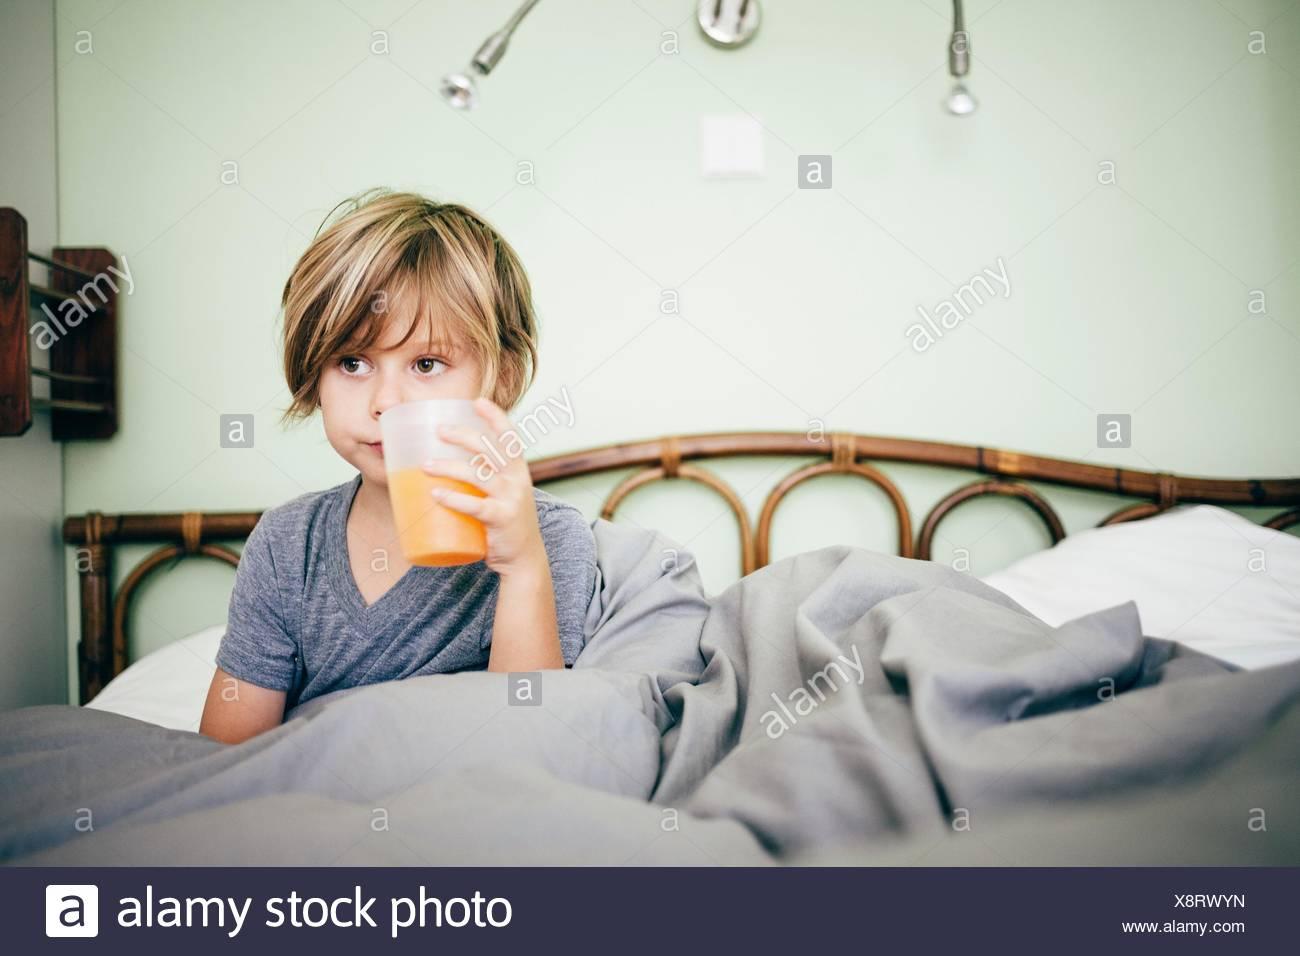 Garçon assis dans un bécher potable lit de jus d'orange, à l'écart, Bludenz, Vorarlberg, Autriche Photo Stock